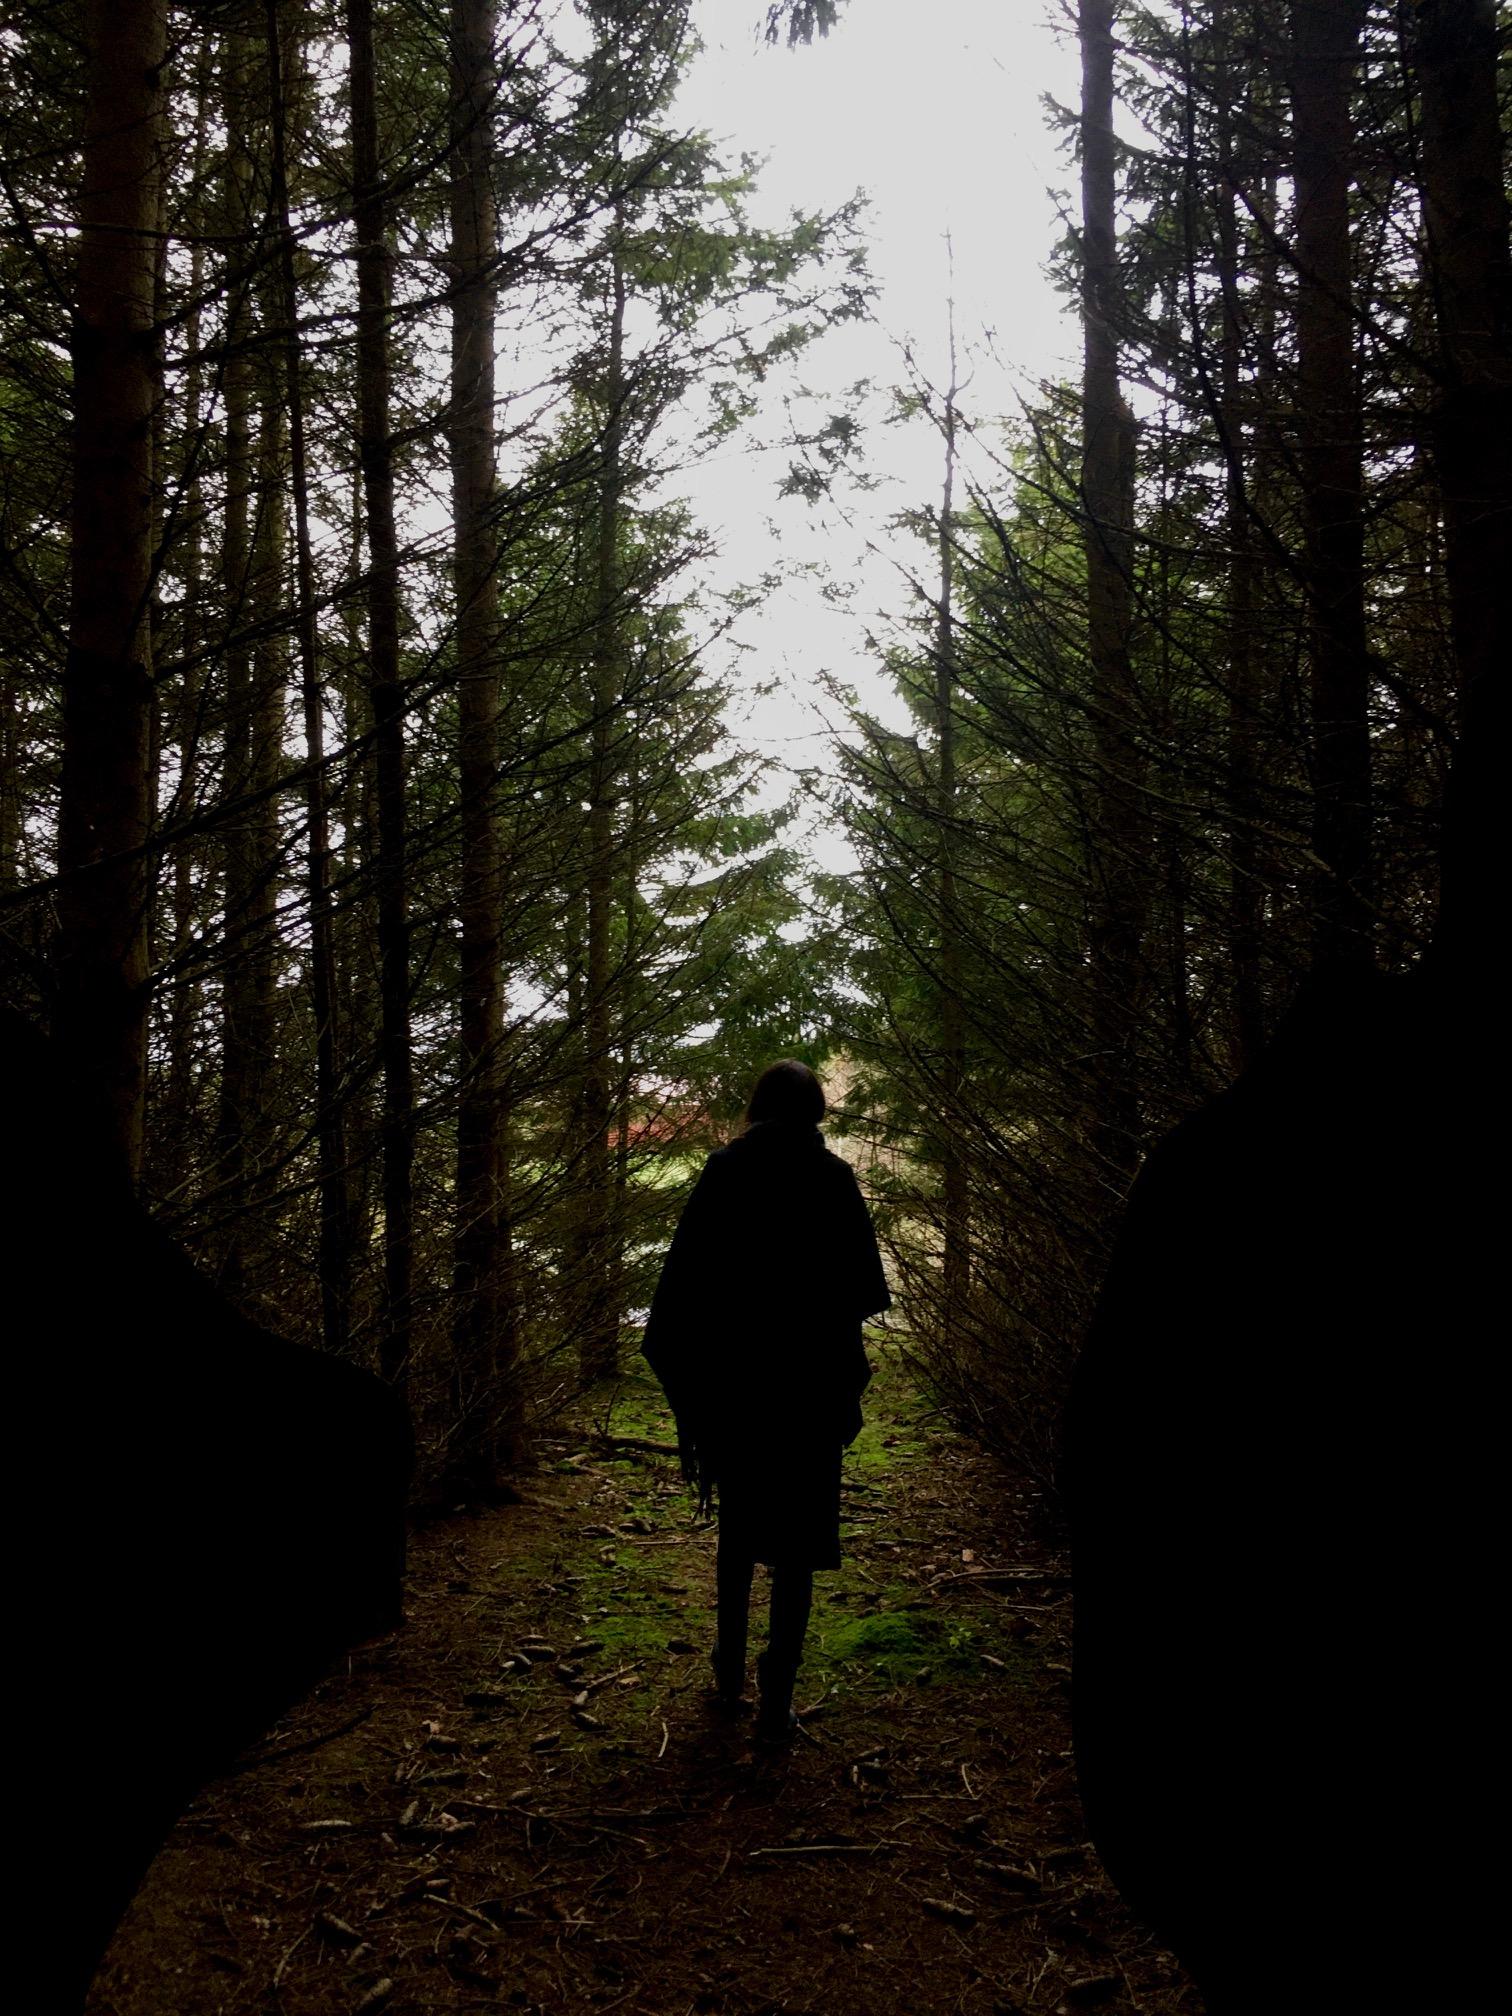 Stilheden i skoven. Duften og blødheden der omslutter dig. Skovbadning og egen bæredygtighed som supervision rettet mod autorisation hos Psykologen på Landet, autoriseret psykolog Karina Thomsen.